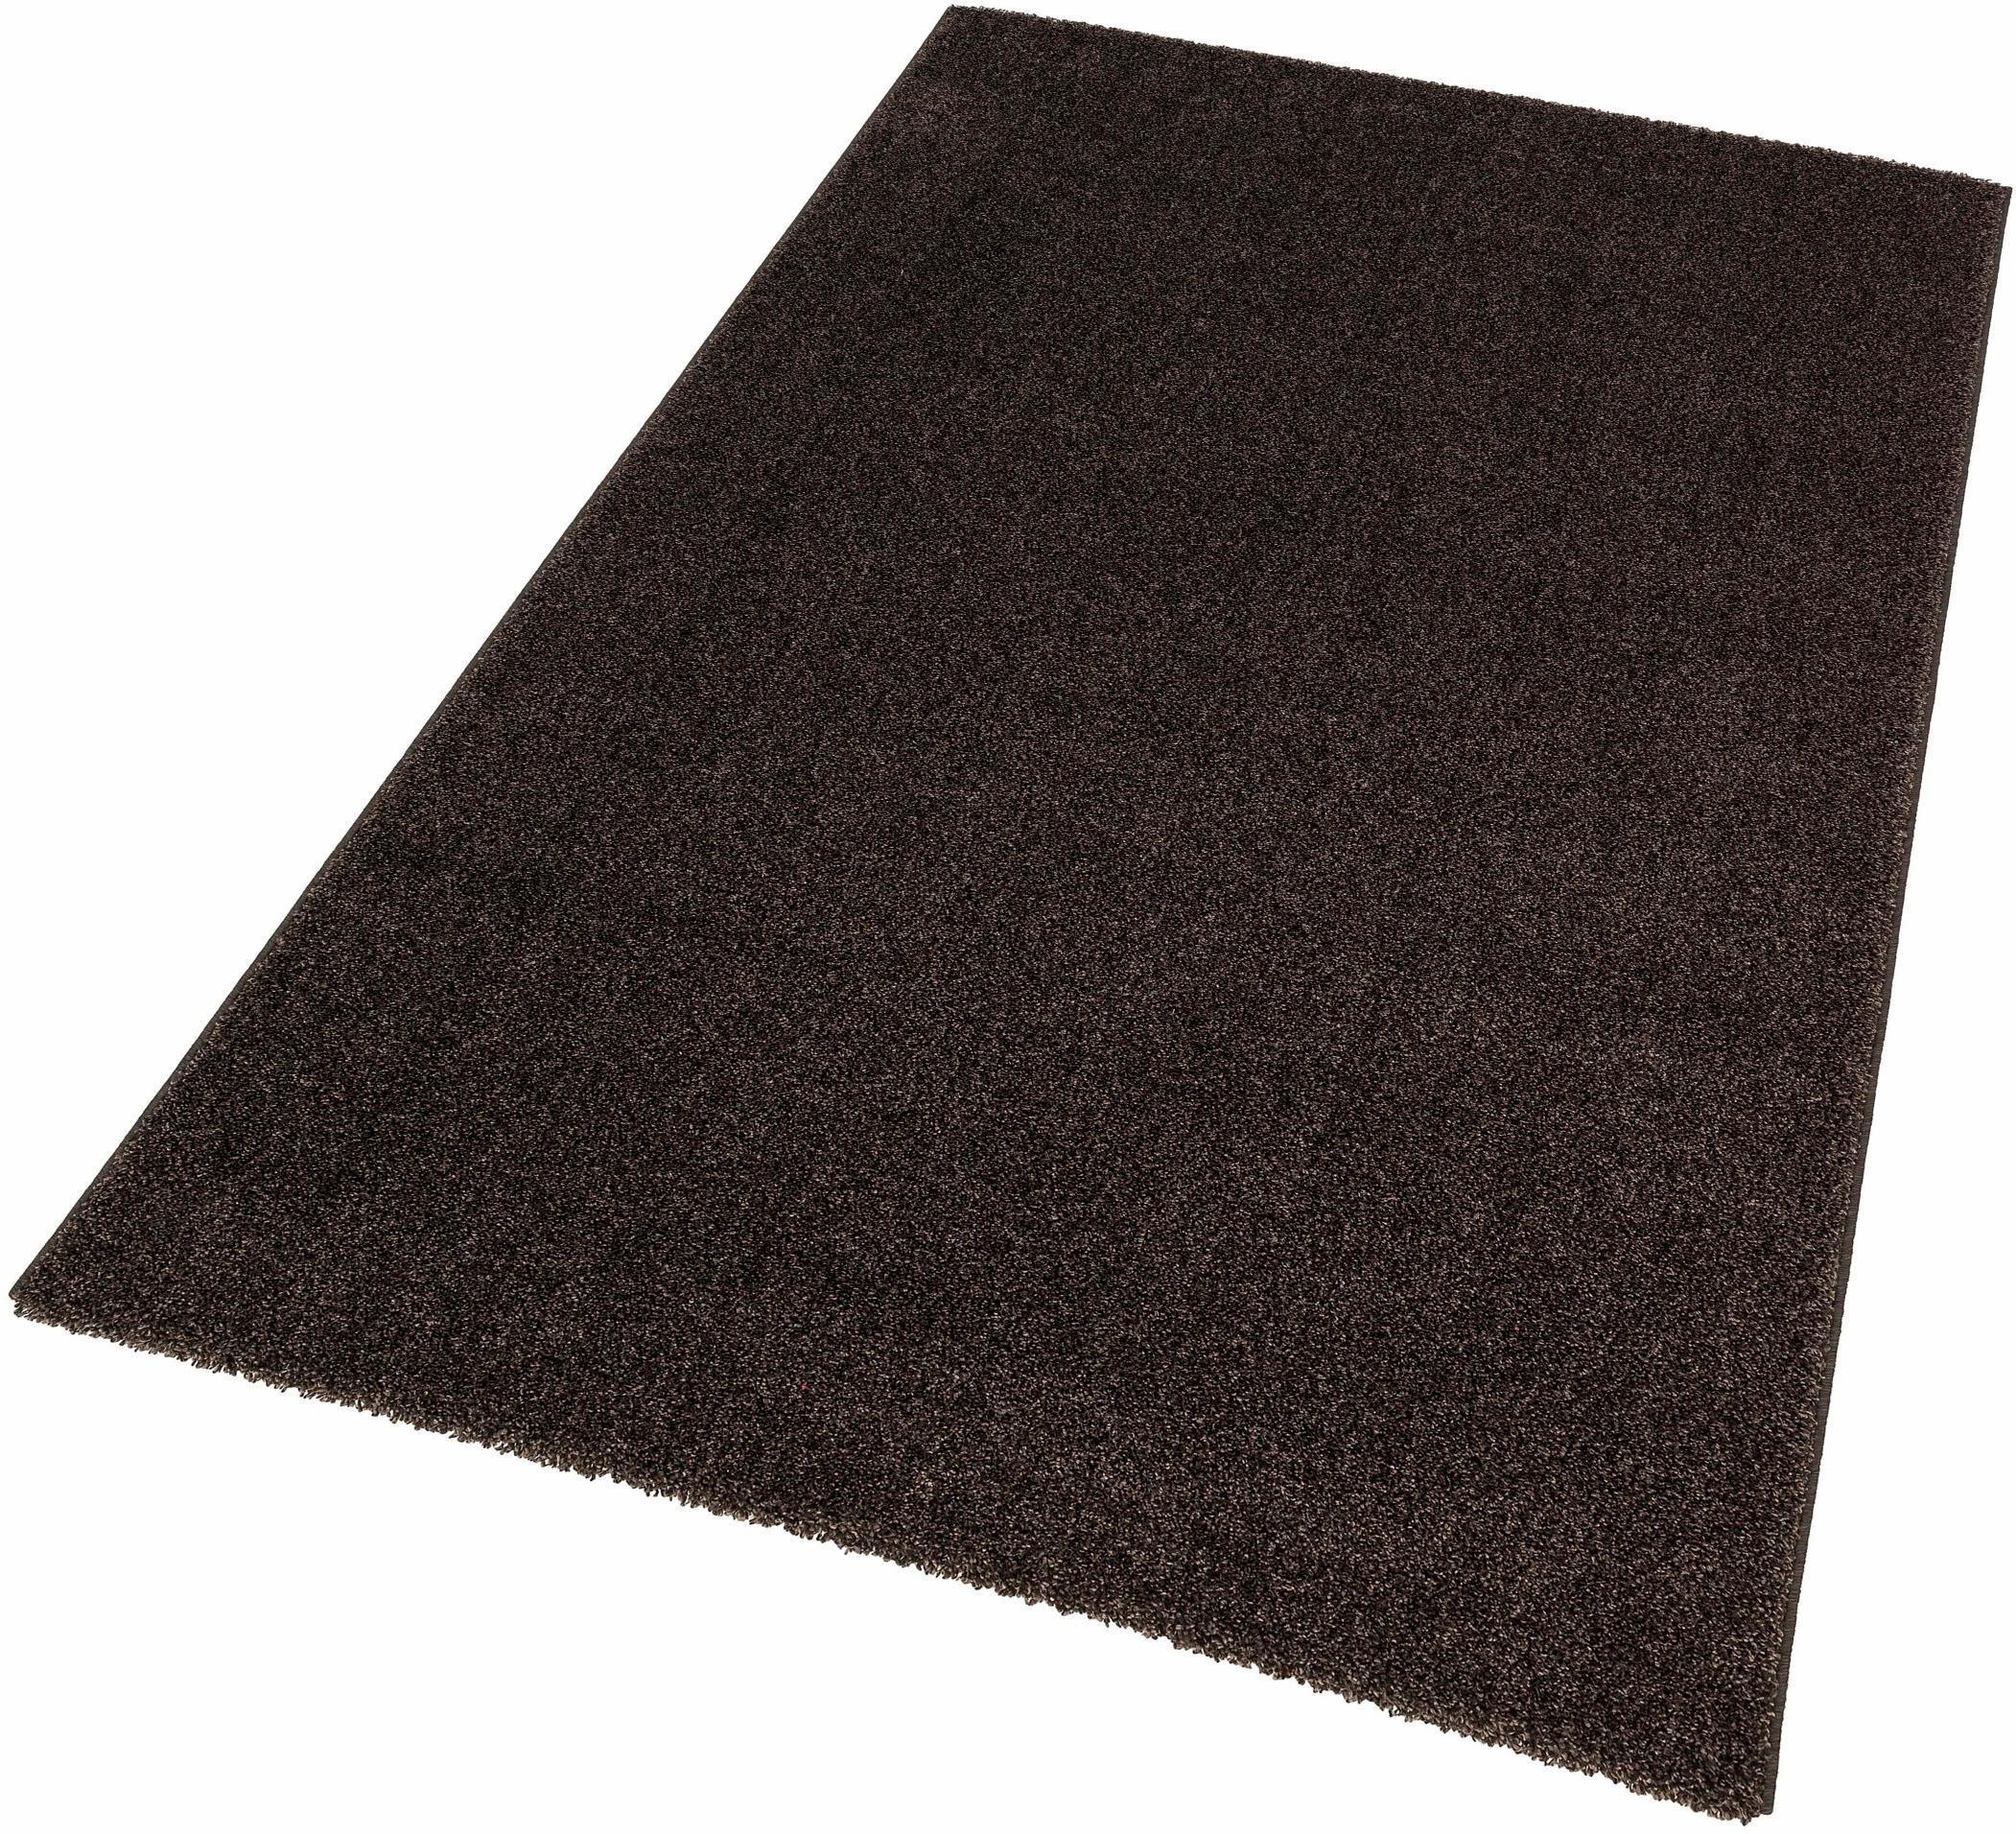 hochflor teppich riva astra rechteckig h he 25 mm grau online kaufen bei woonio. Black Bedroom Furniture Sets. Home Design Ideas